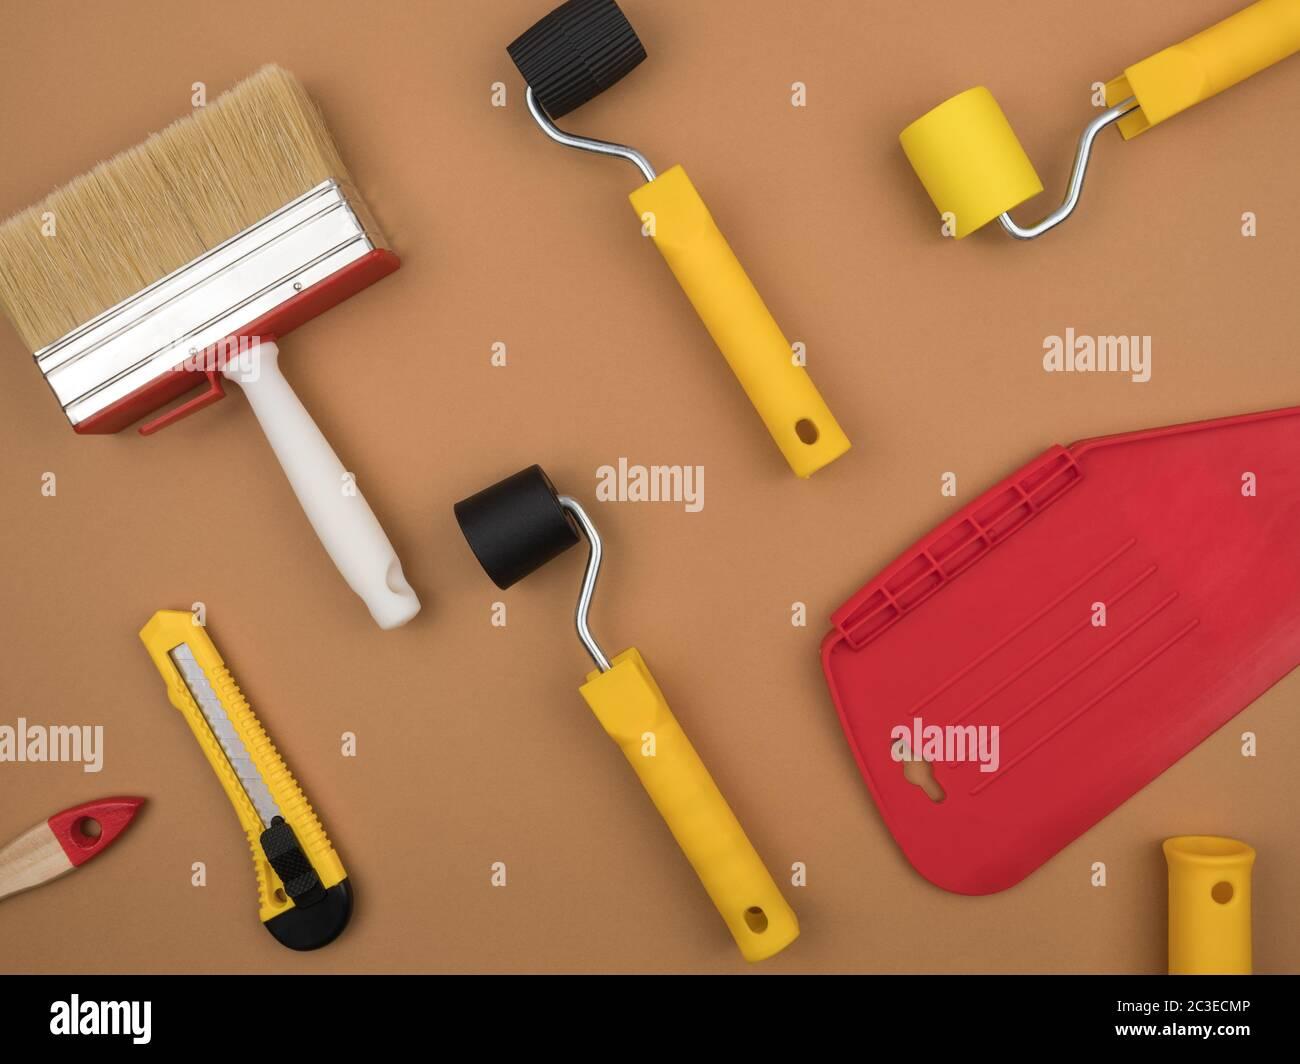 Un outil de peinture pour le papier peint. Arrière-plan beige. Vue du dessus. Le concept de réparation. Banque D'Images